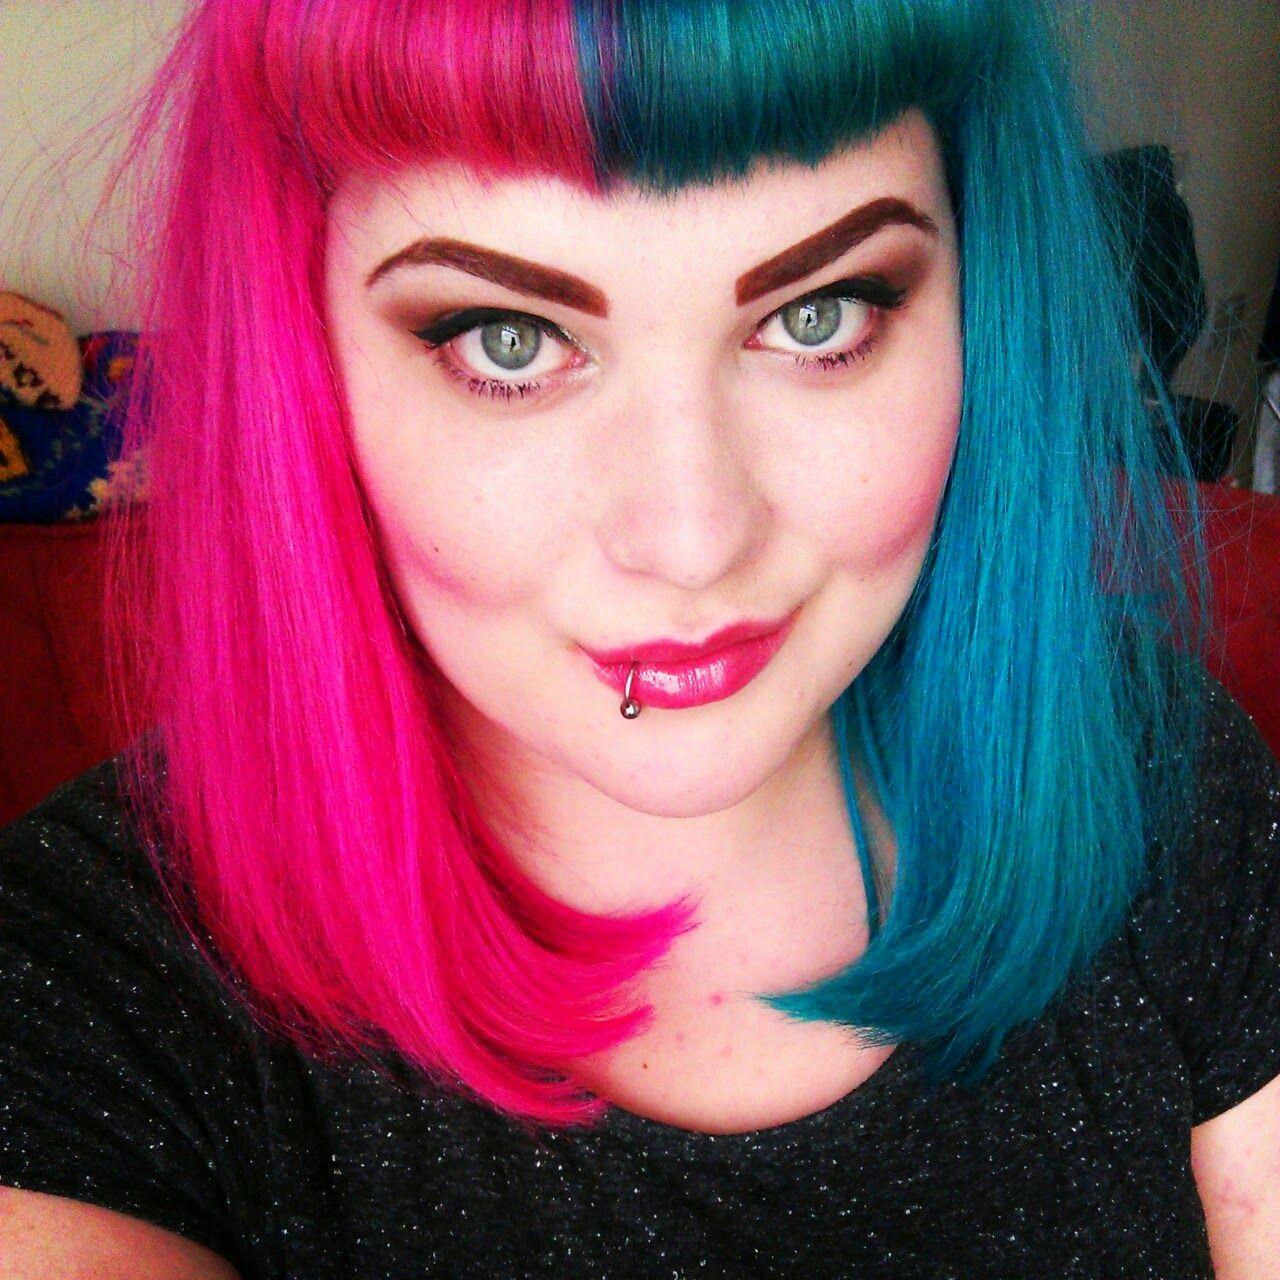 Half Pink And Half Blue Hair Cabelo E Maquiagem Cabelo Rapunzel Cabelo Colorido